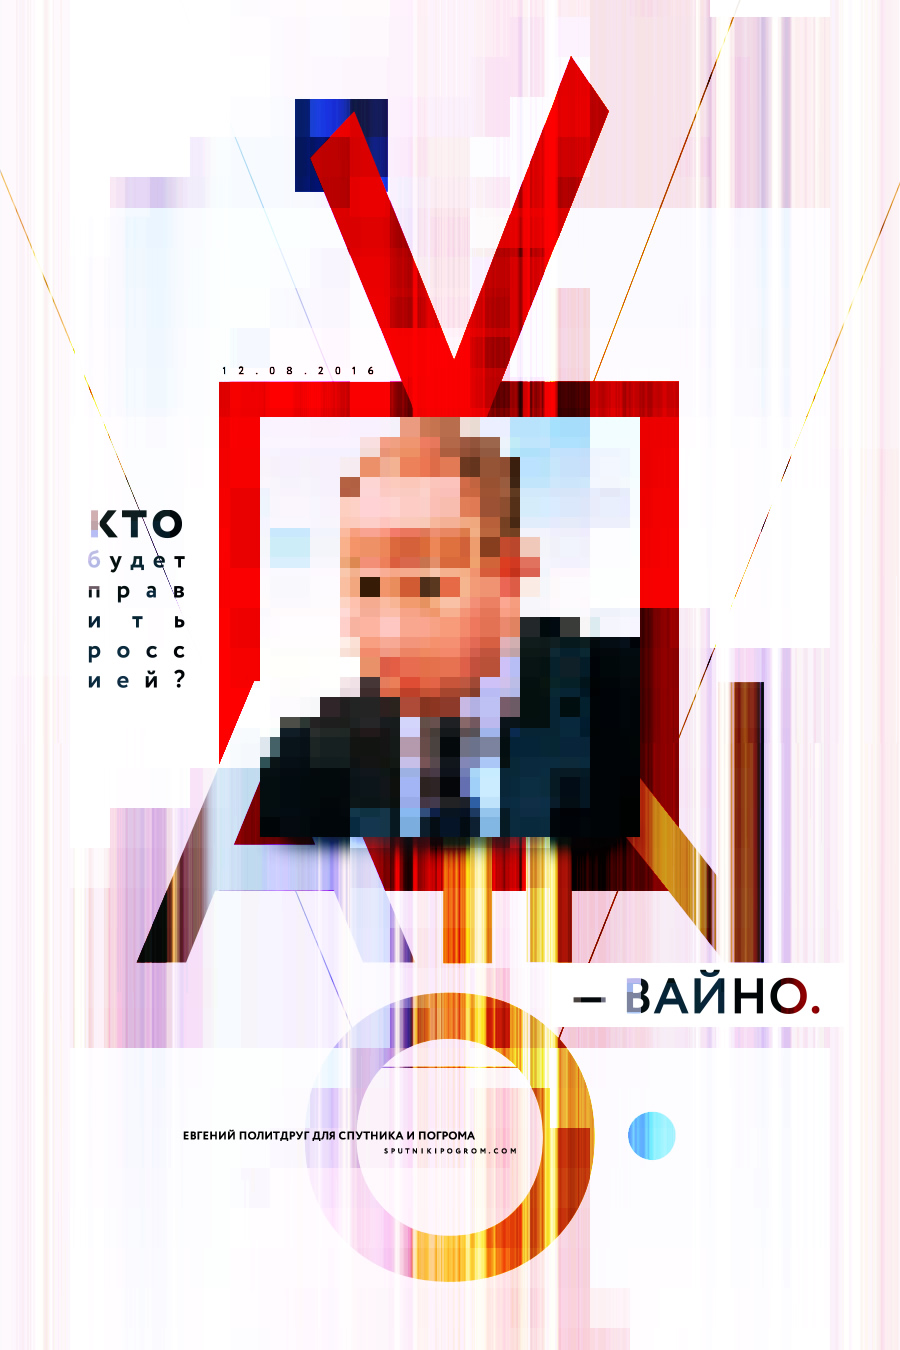 samiy-luchshiy-russkiy-sayt-straponov